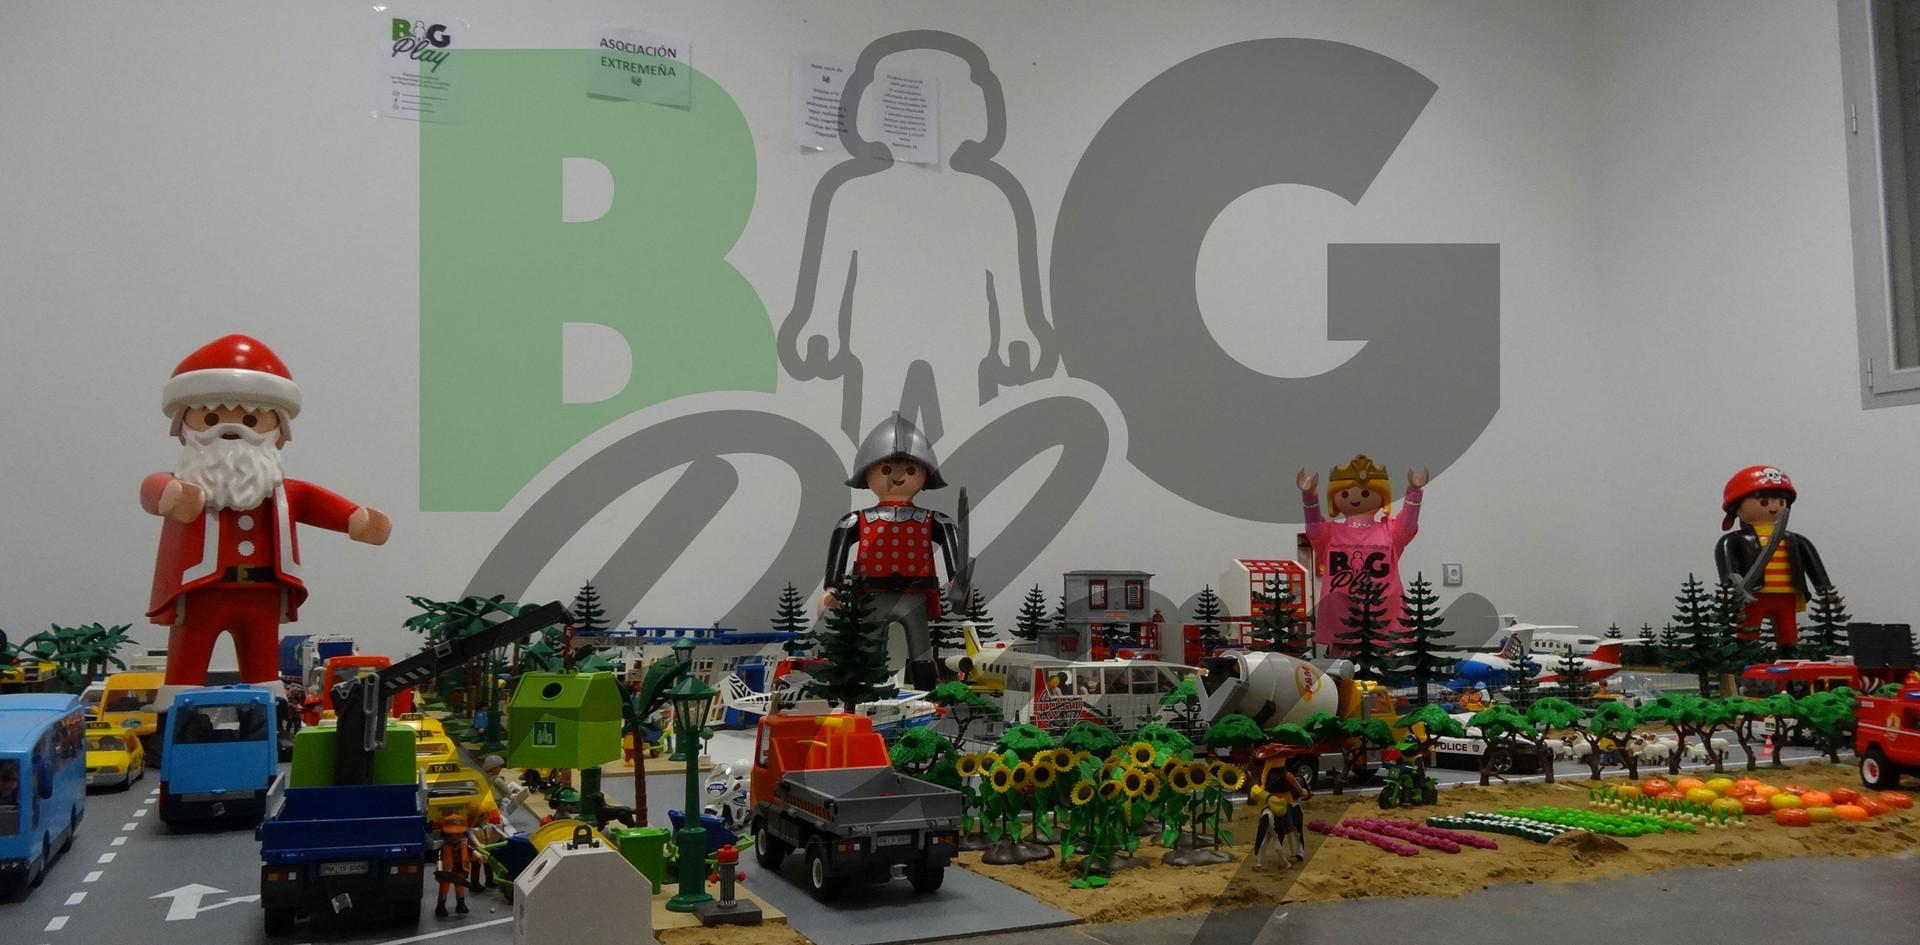 bigplay00026.jpg